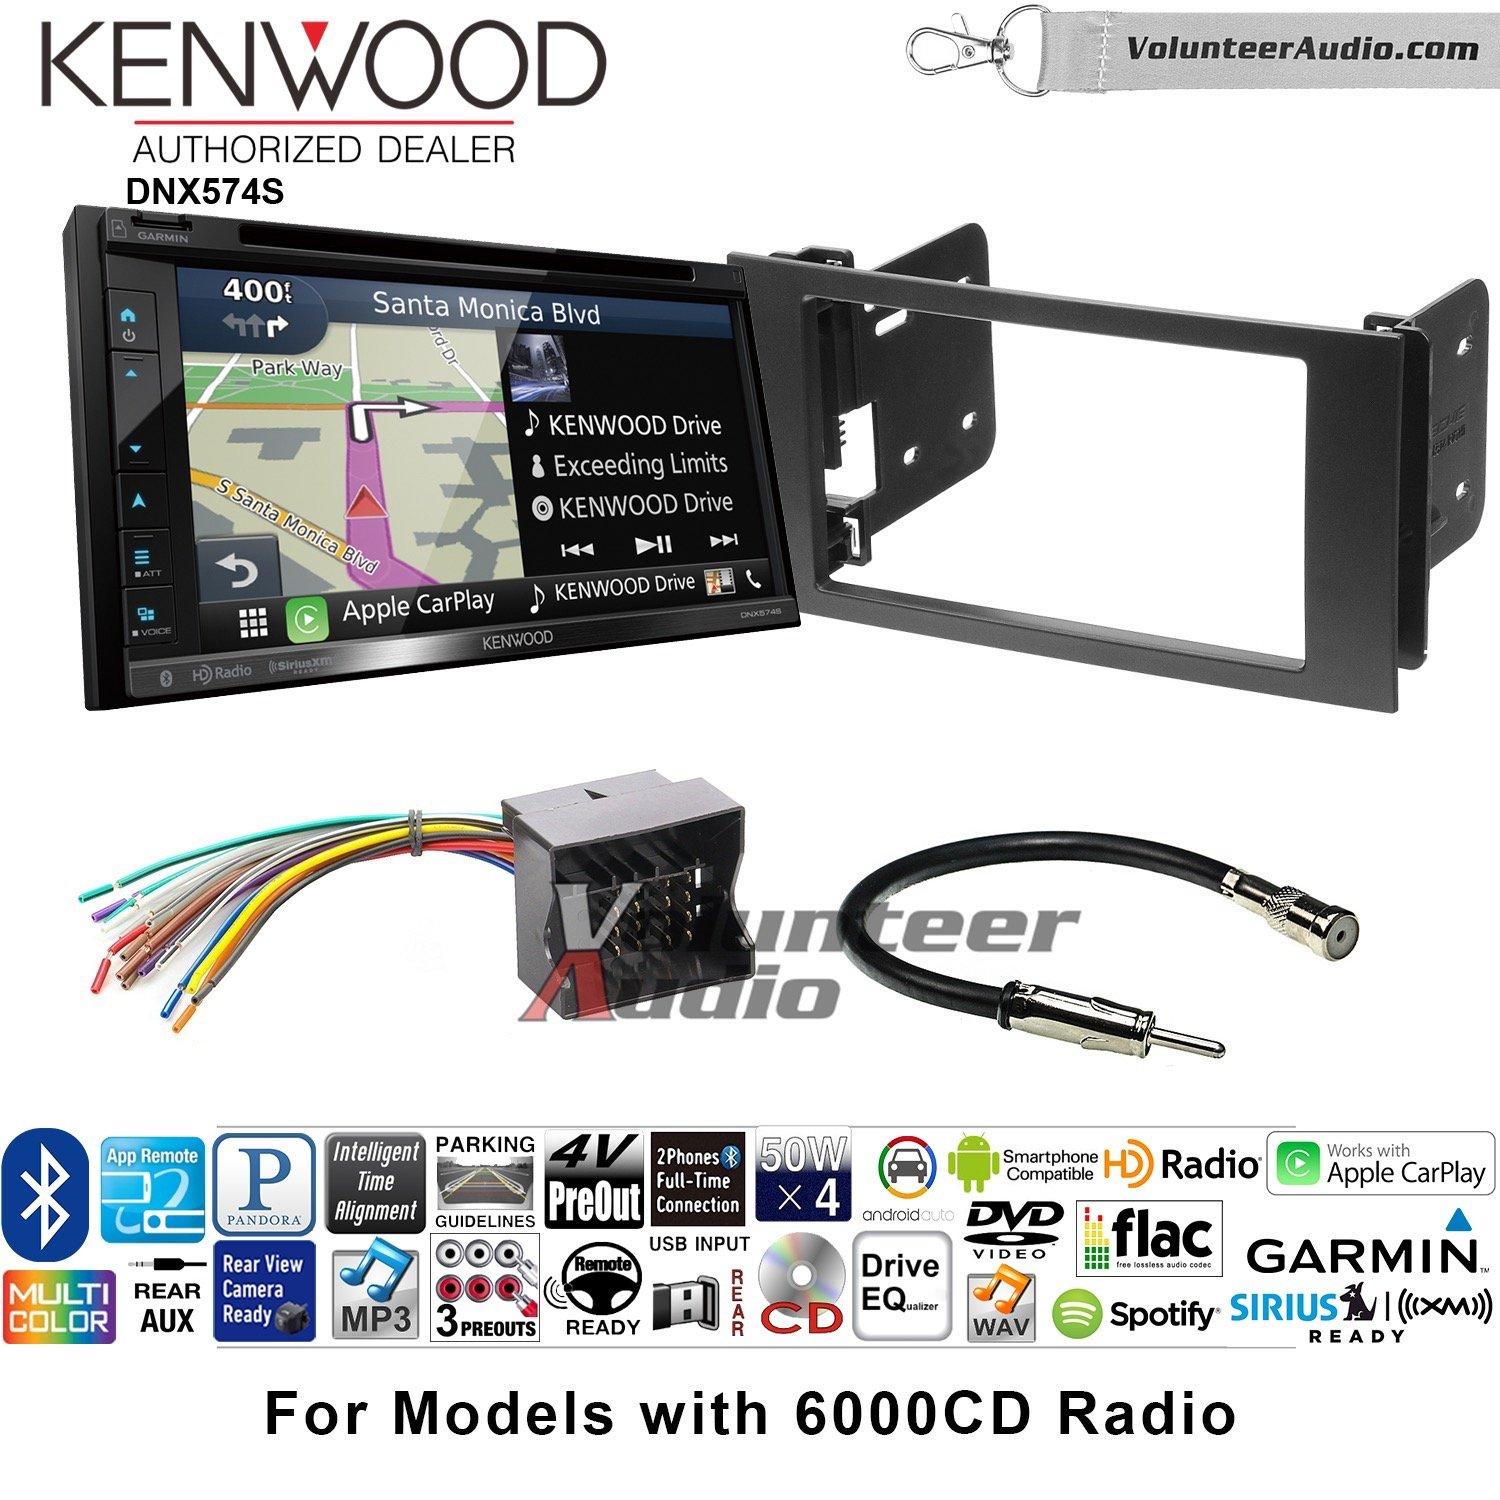 ボランティアオーディオKenwood dnx574sダブルDINラジオインストールキットwith GPSナビゲーションApple CarPlay Android自動Fits 2010 – 2011 Transit Connect B07C28T3D1